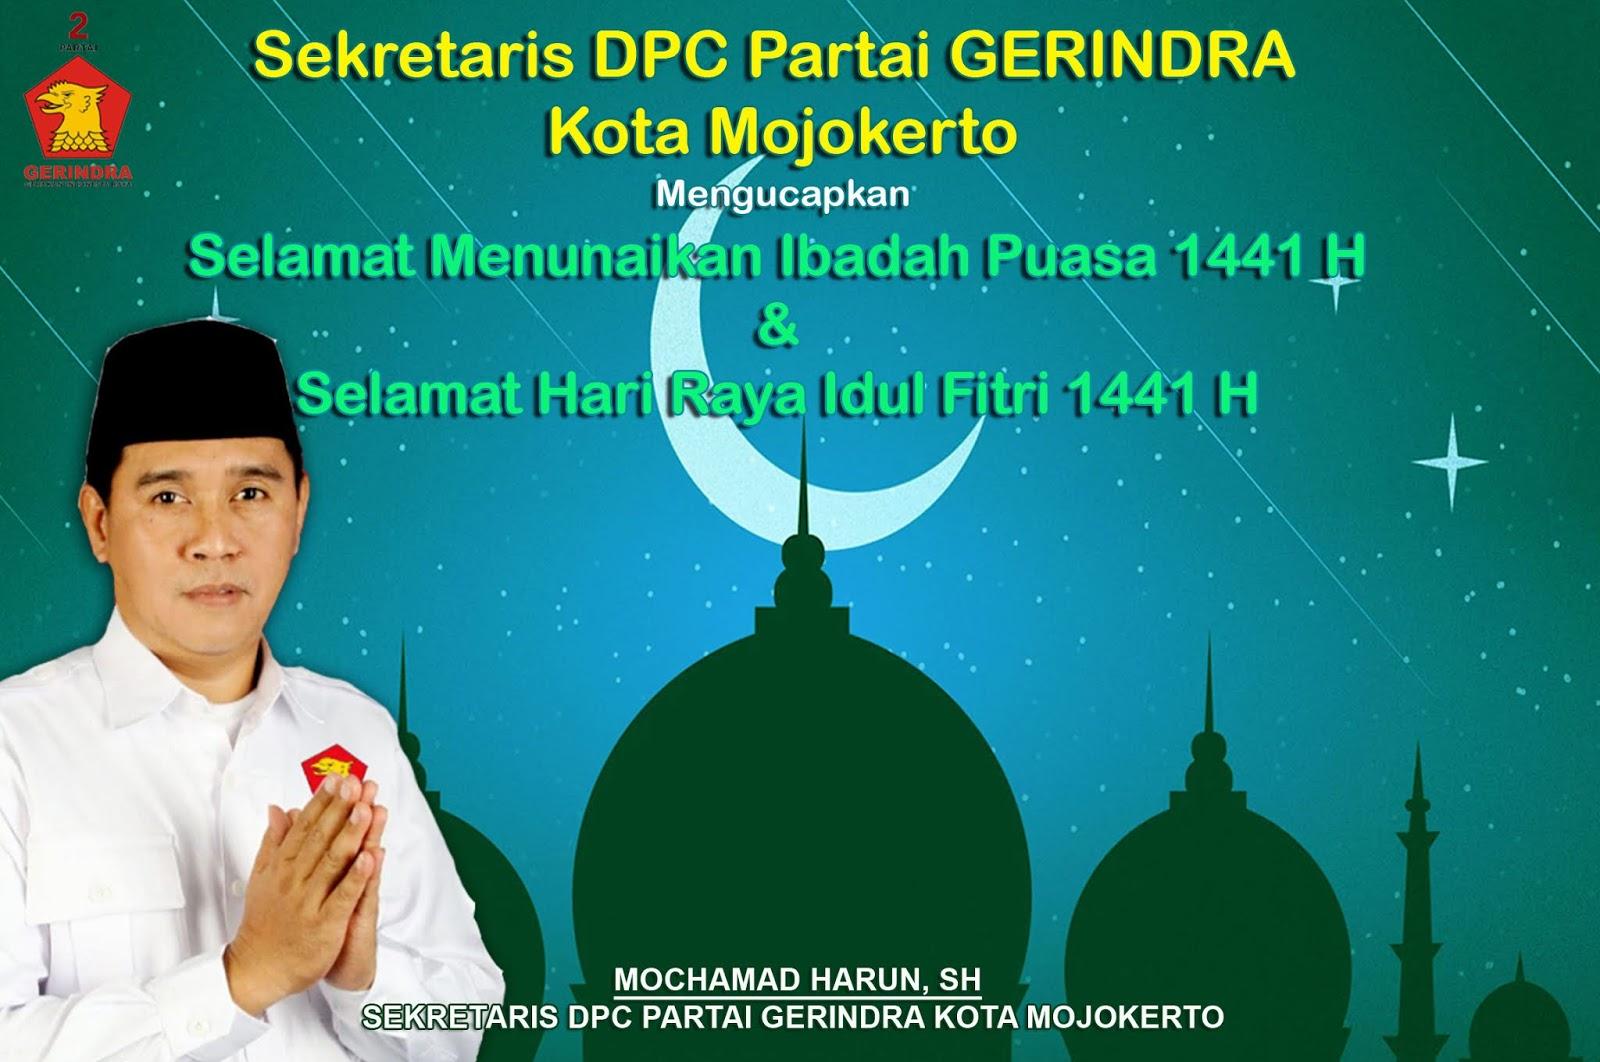 Sekretaris Dpc Partai Gerindra Kota Mojokerto Mengucapkan Selamat